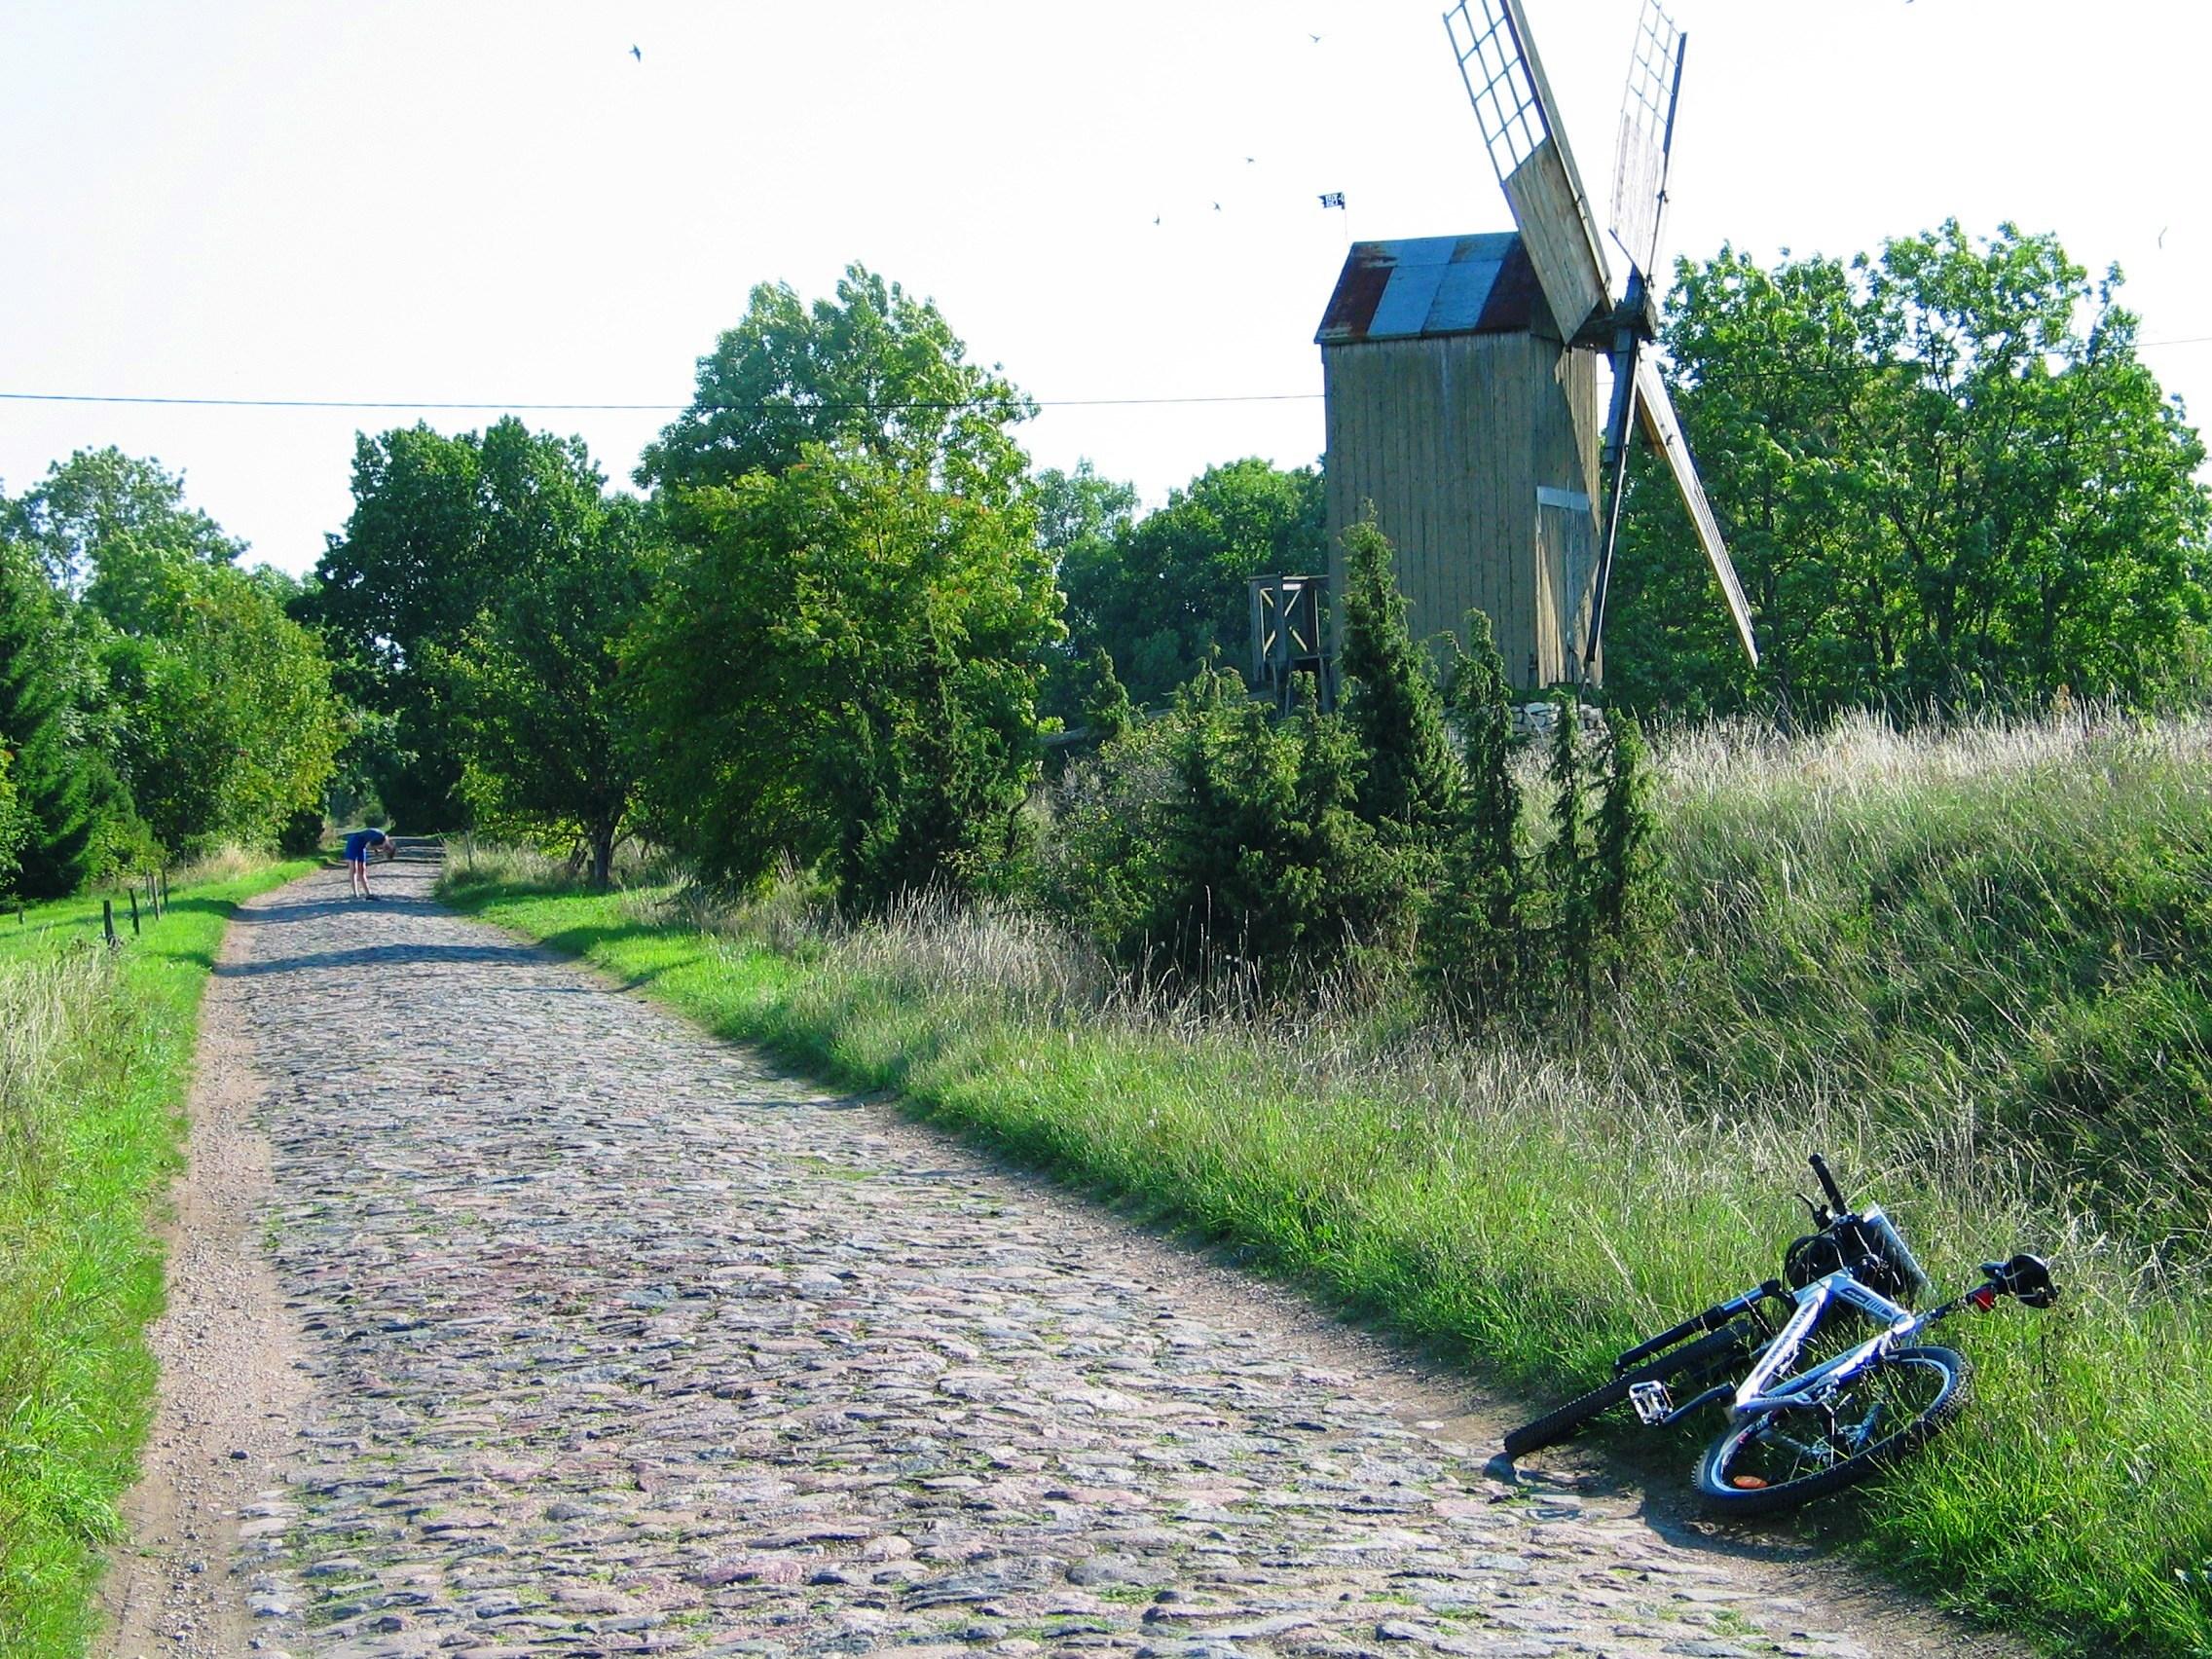 Borkum Karte Fahrradwege.Inselhopping Kustenradeln Mit Fahrrad Oder E Bike